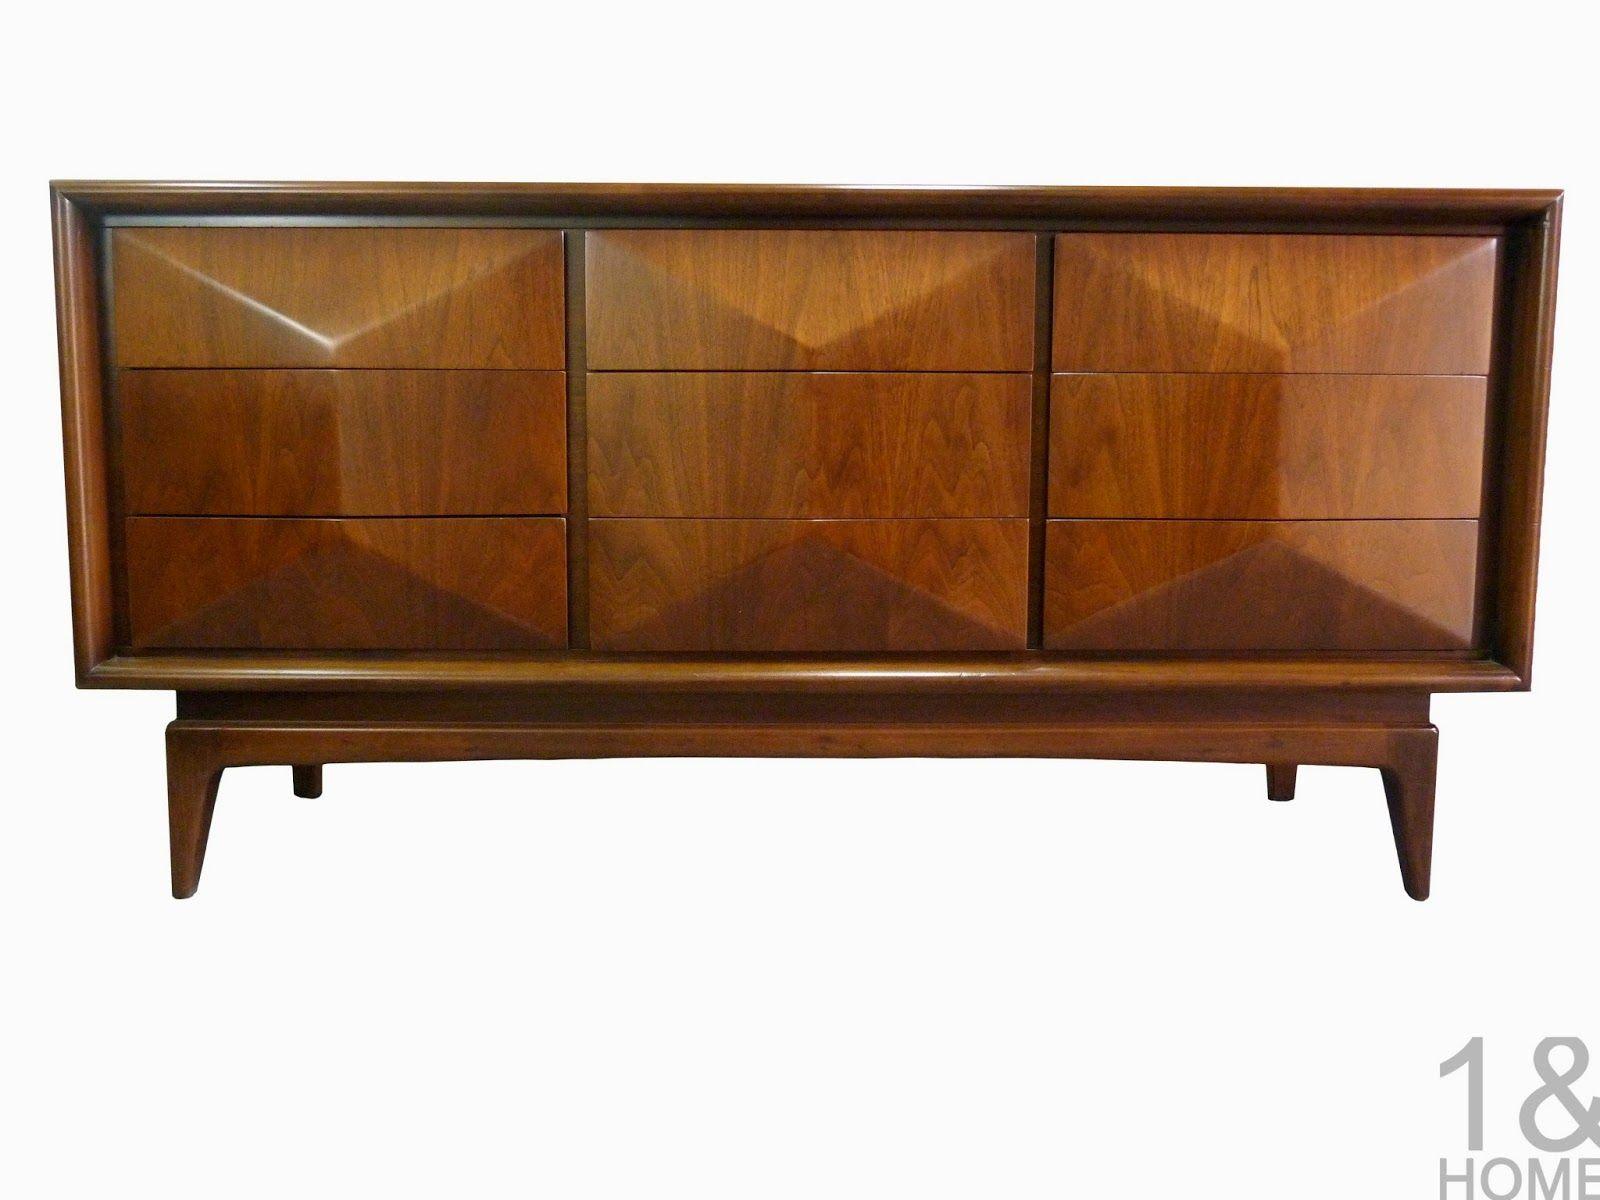 antiques modern mid century danish vintage retro and industrial furniture denver. Black Bedroom Furniture Sets. Home Design Ideas